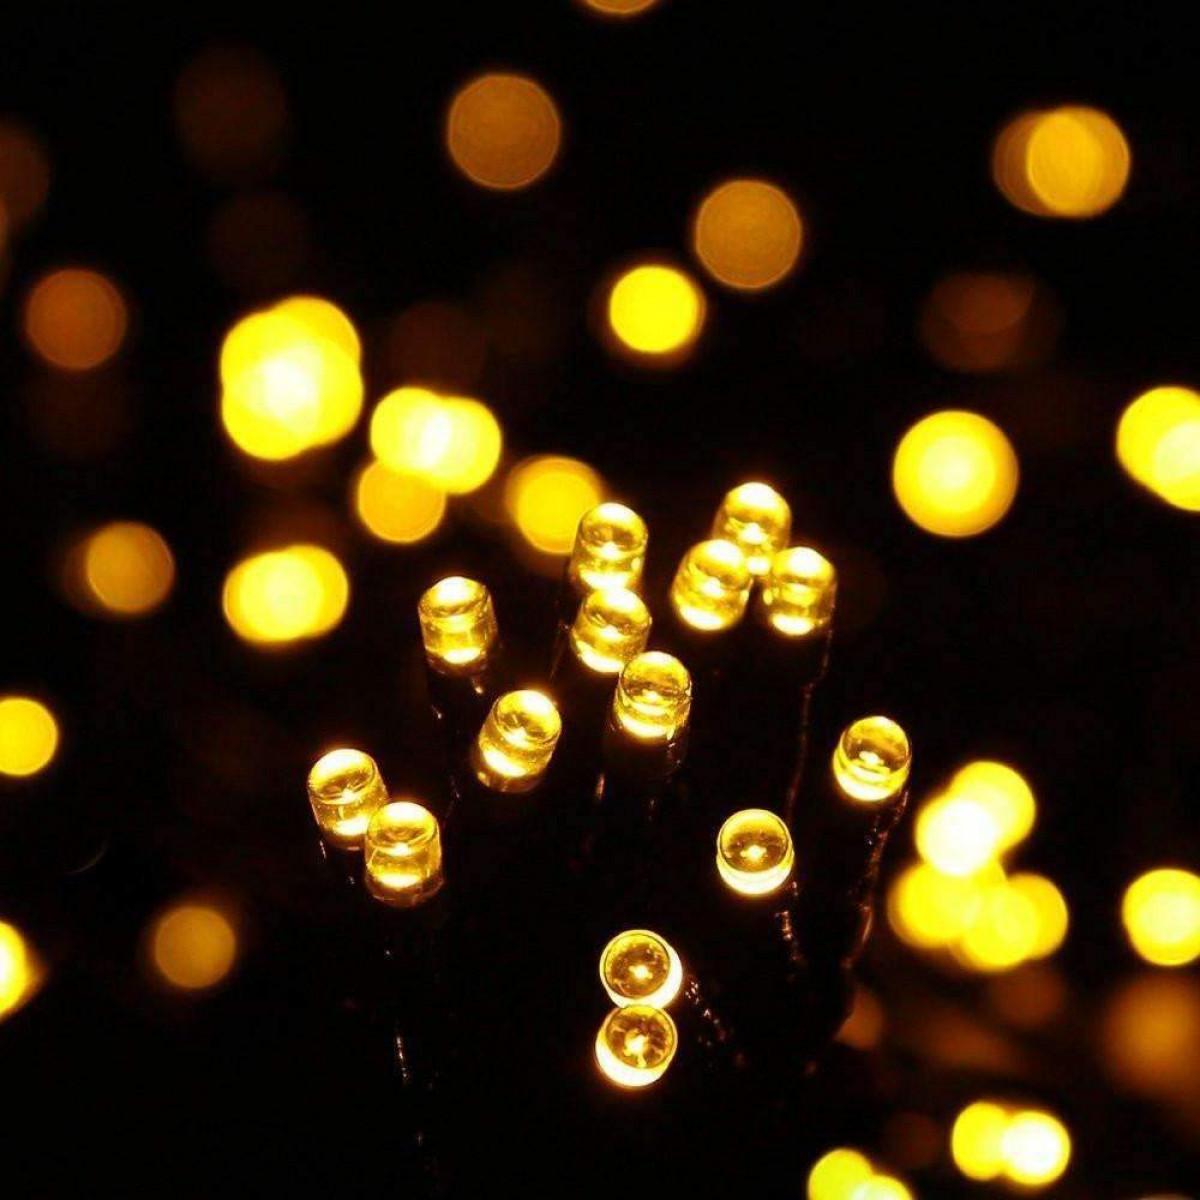 Kompakte Lichterkette 45 Meter 2000 LED